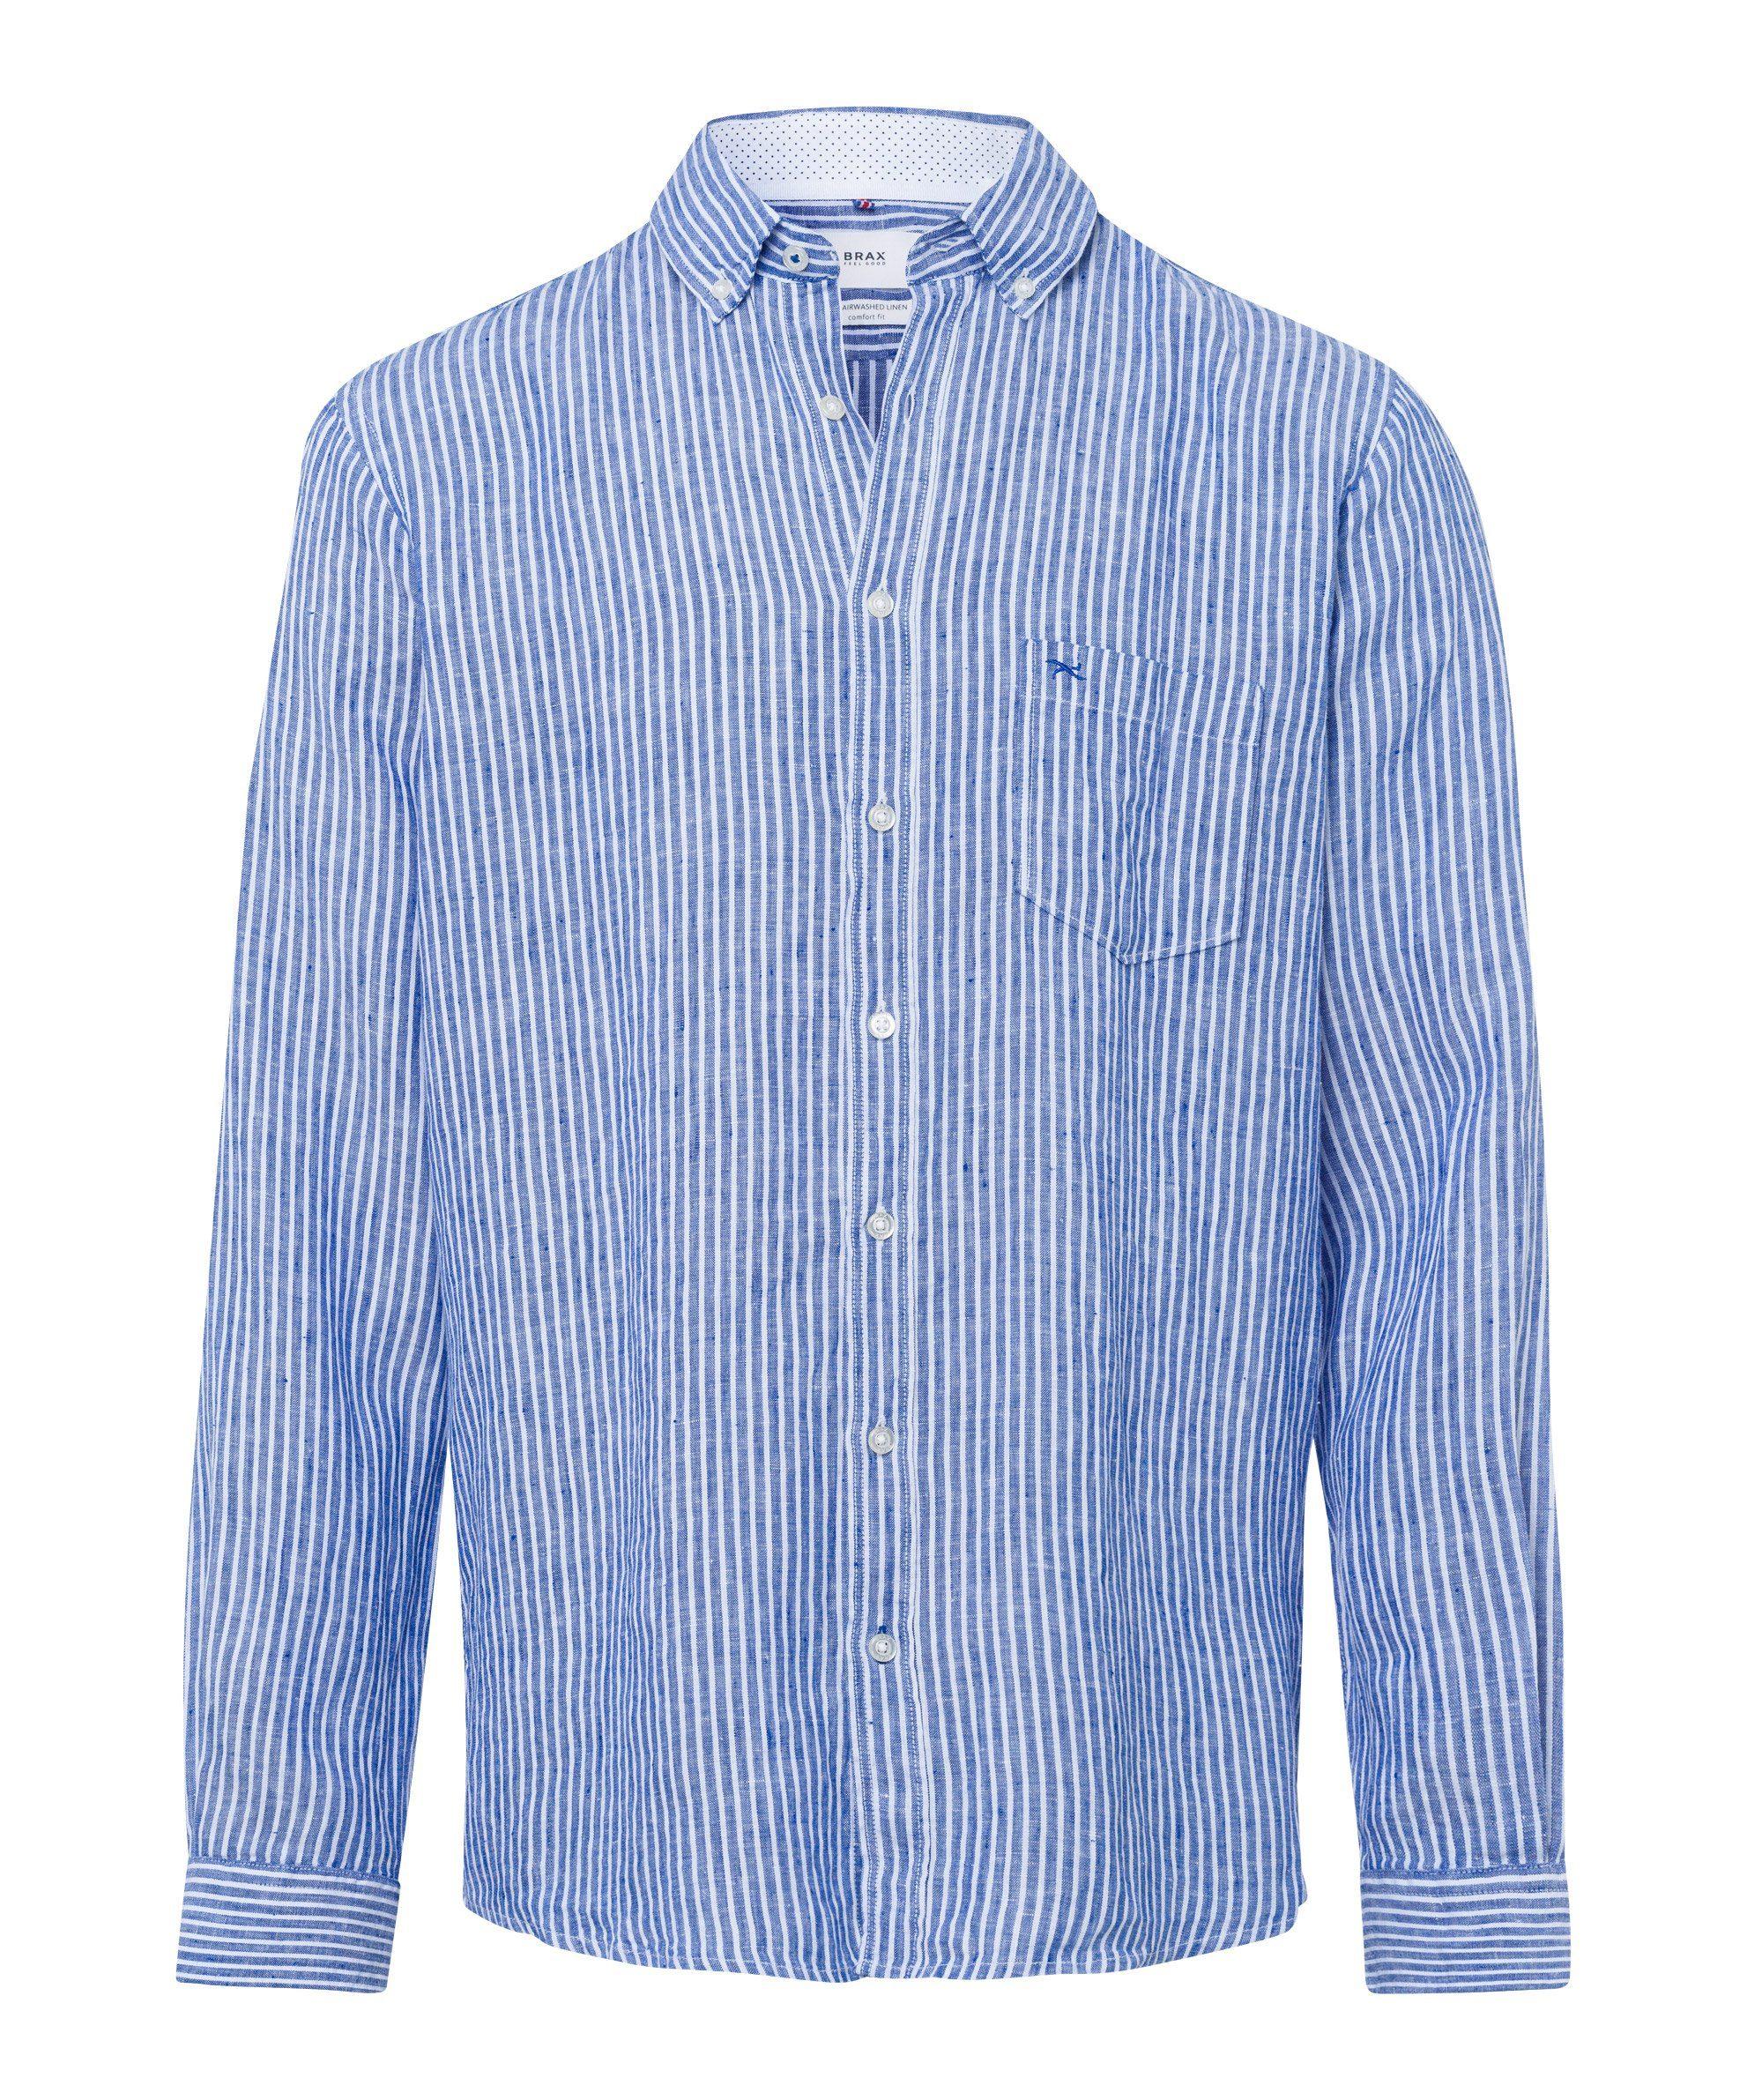 Brax Online Dries« Kaufen Leinenhemd »style b7gfy6